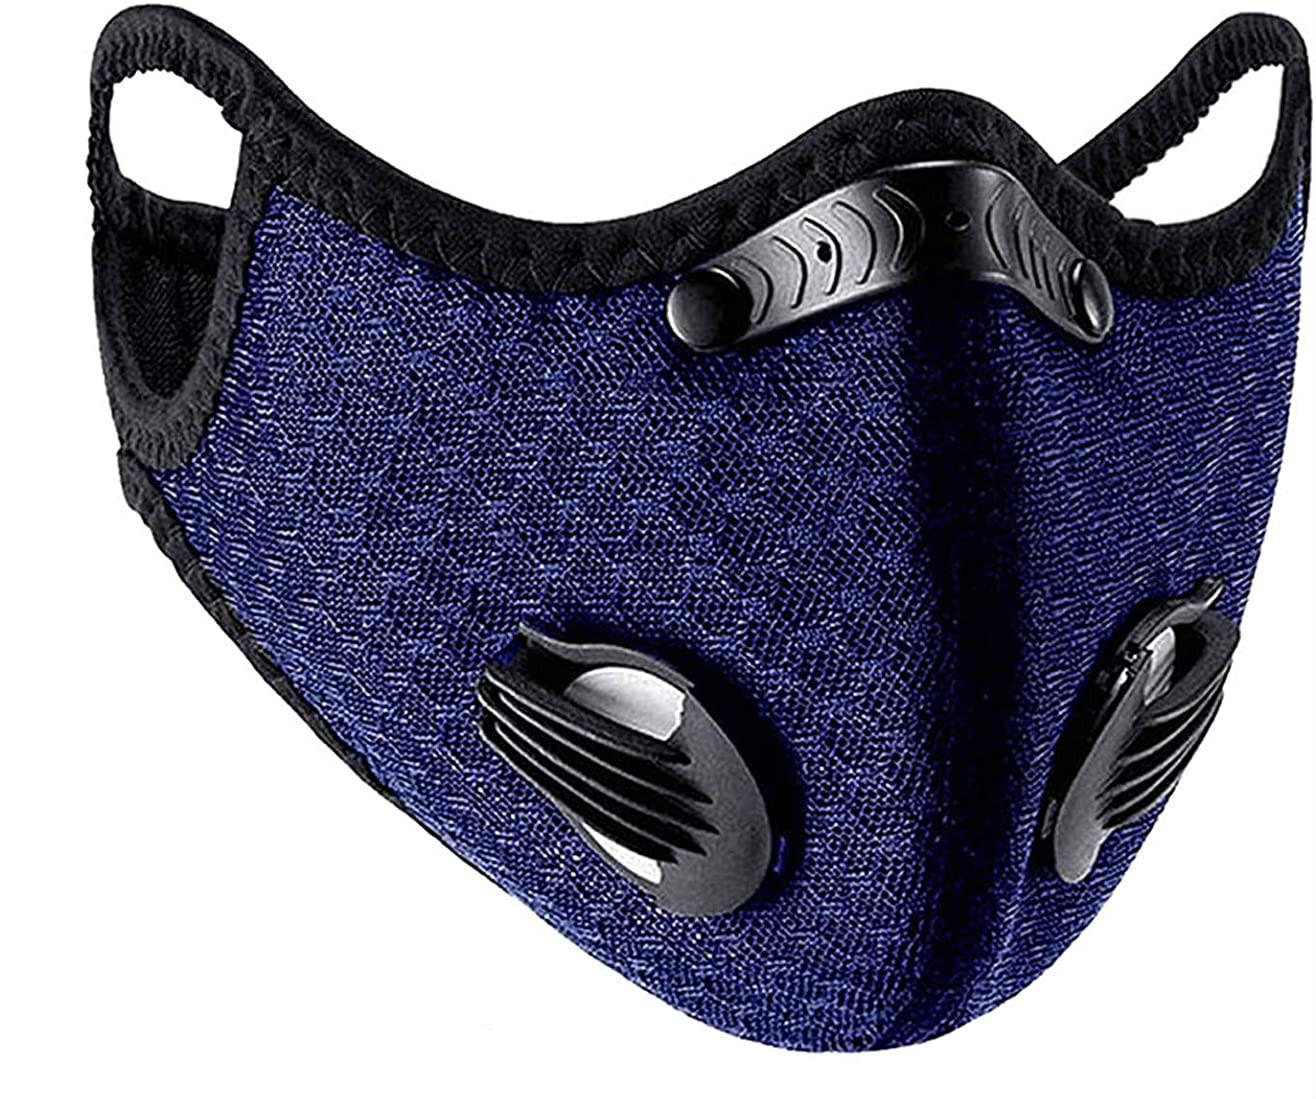 Защита для лица для бега, езды на велосипеде, защита от пыли, ветра